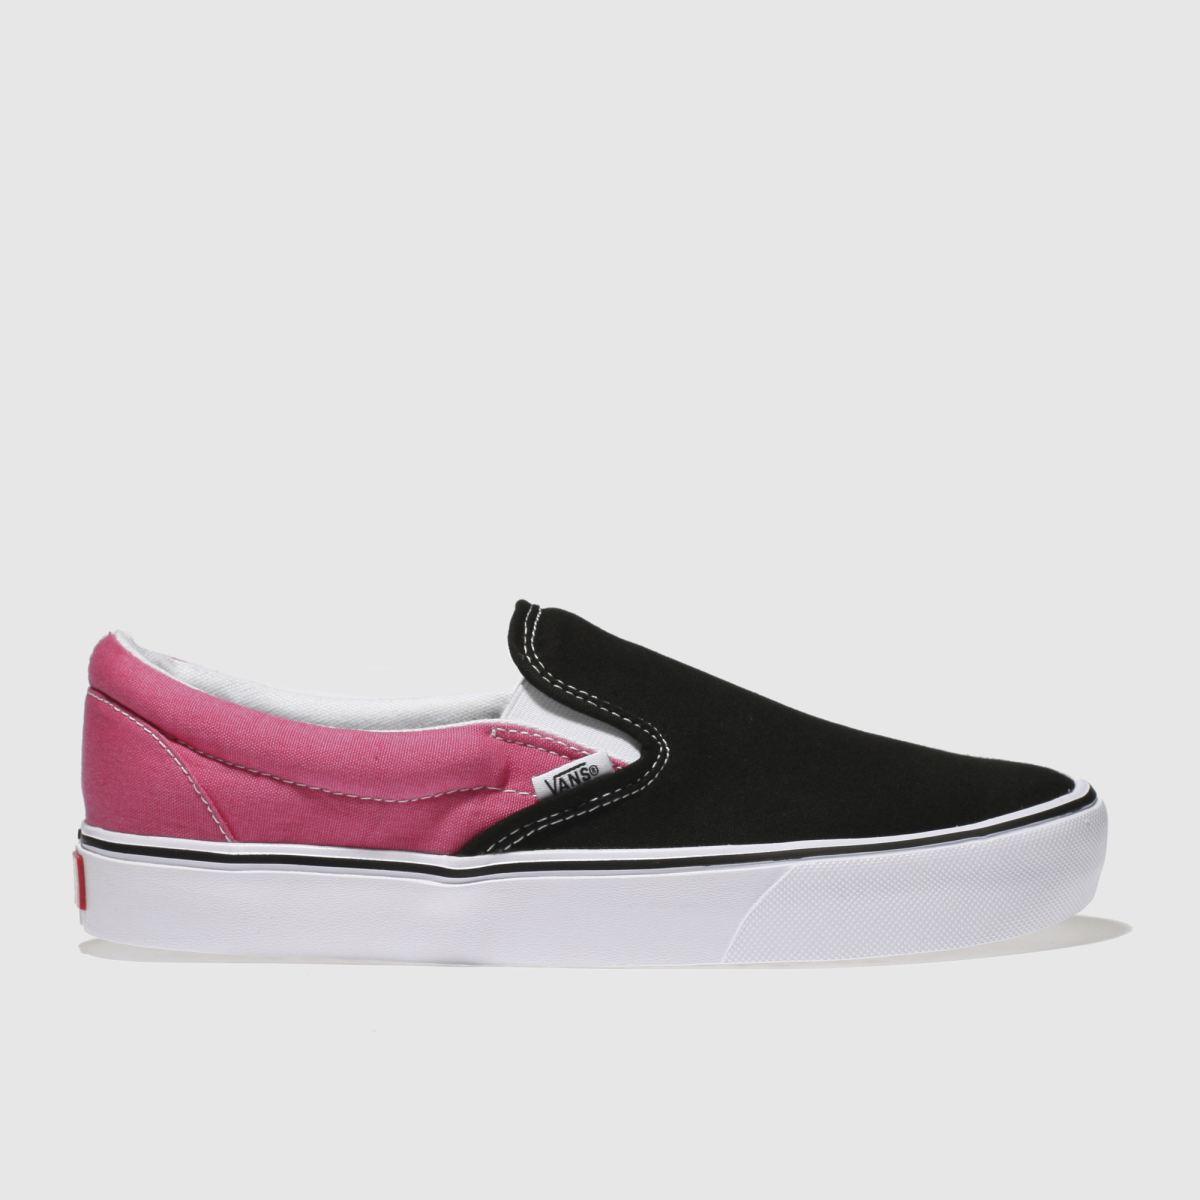 Vans Black & Pink Slip-on Lite Trainers